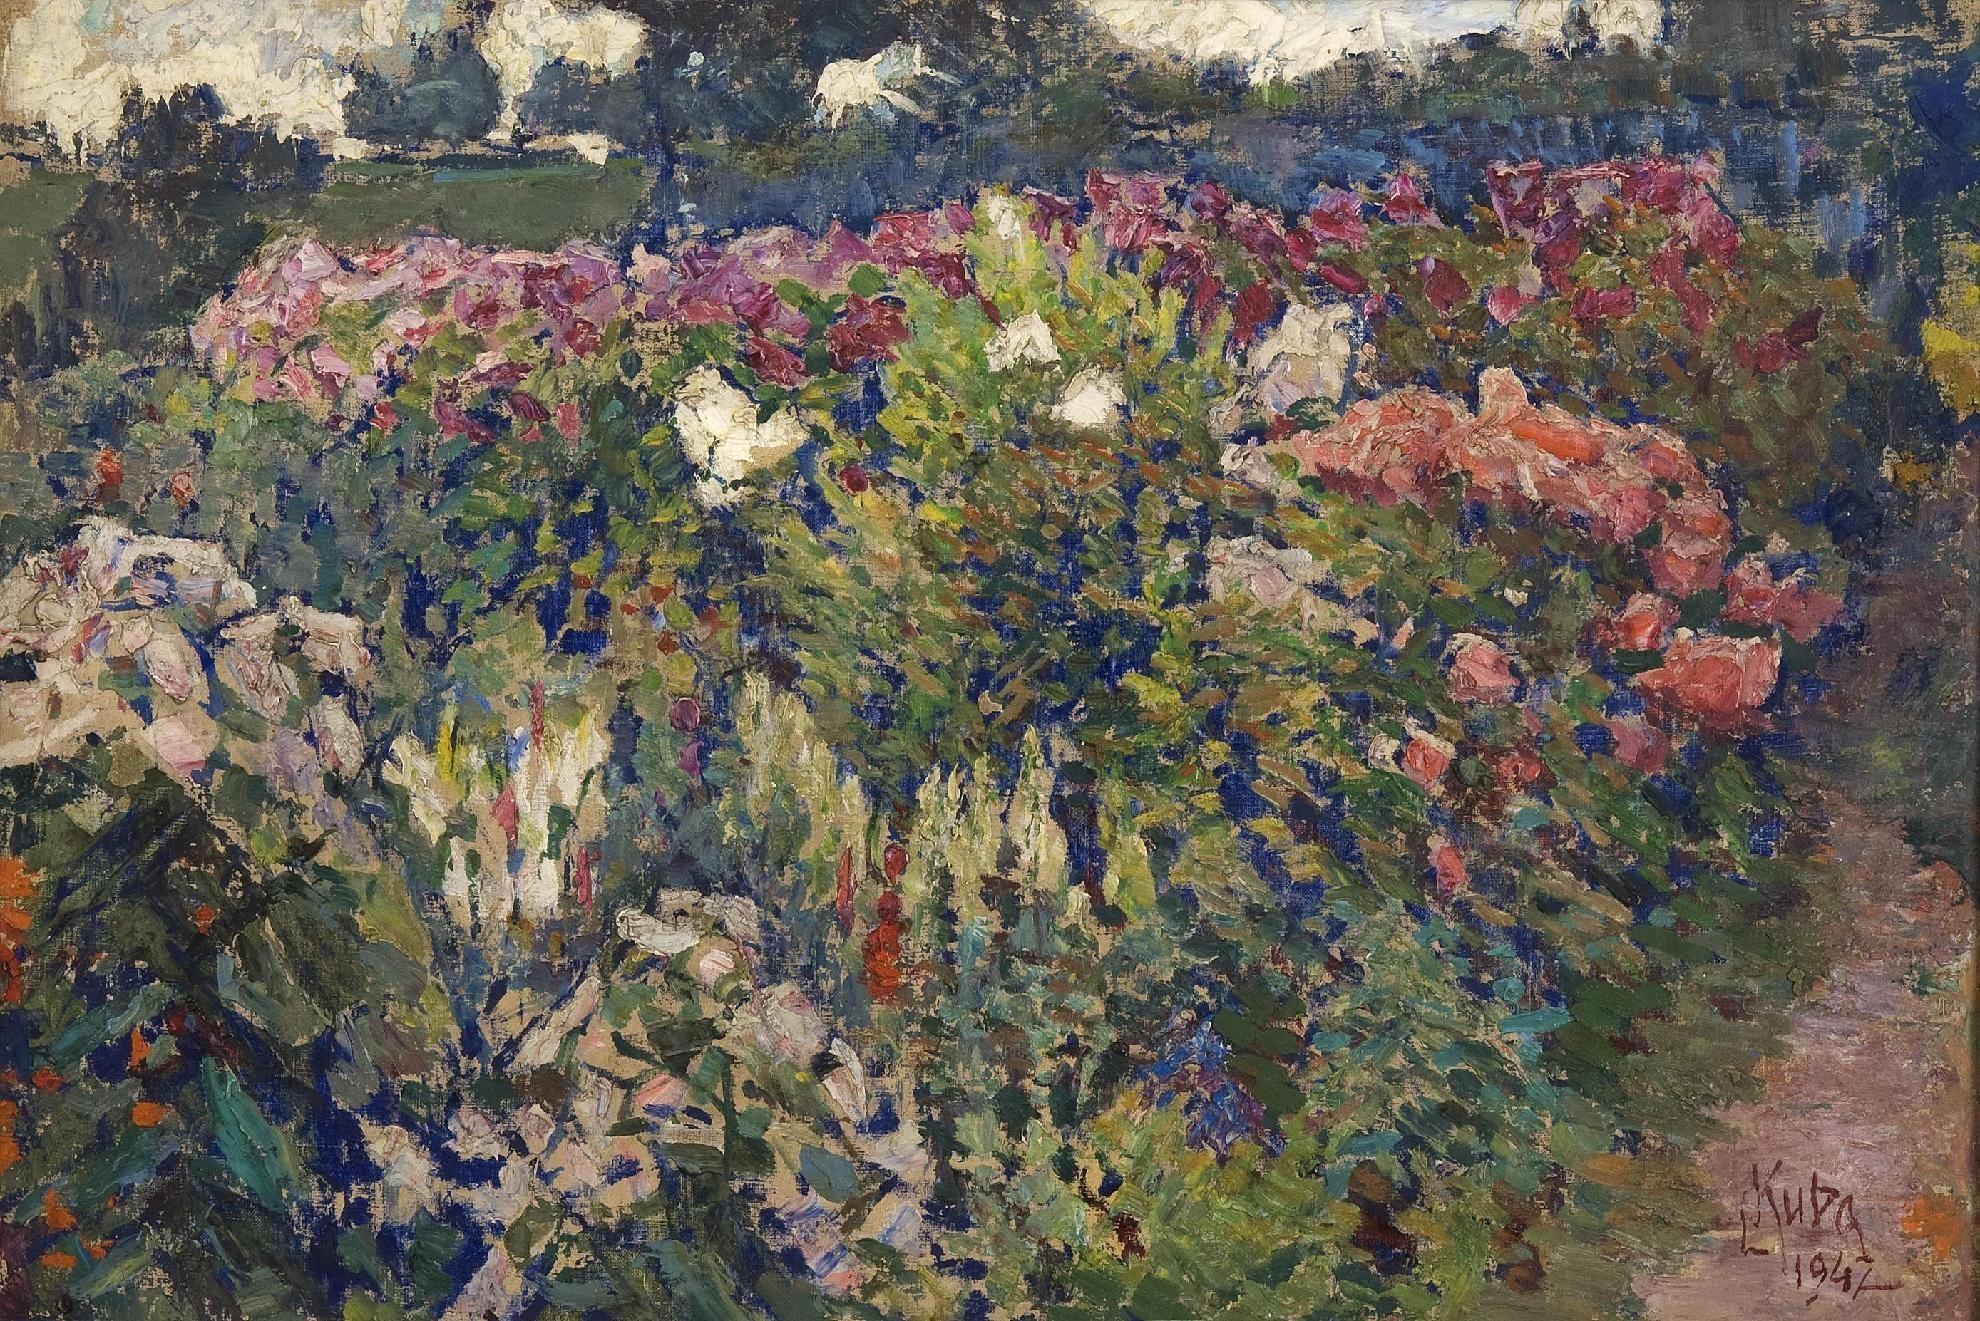 LUDVÍK KUBA Garden Zahrada, 1942